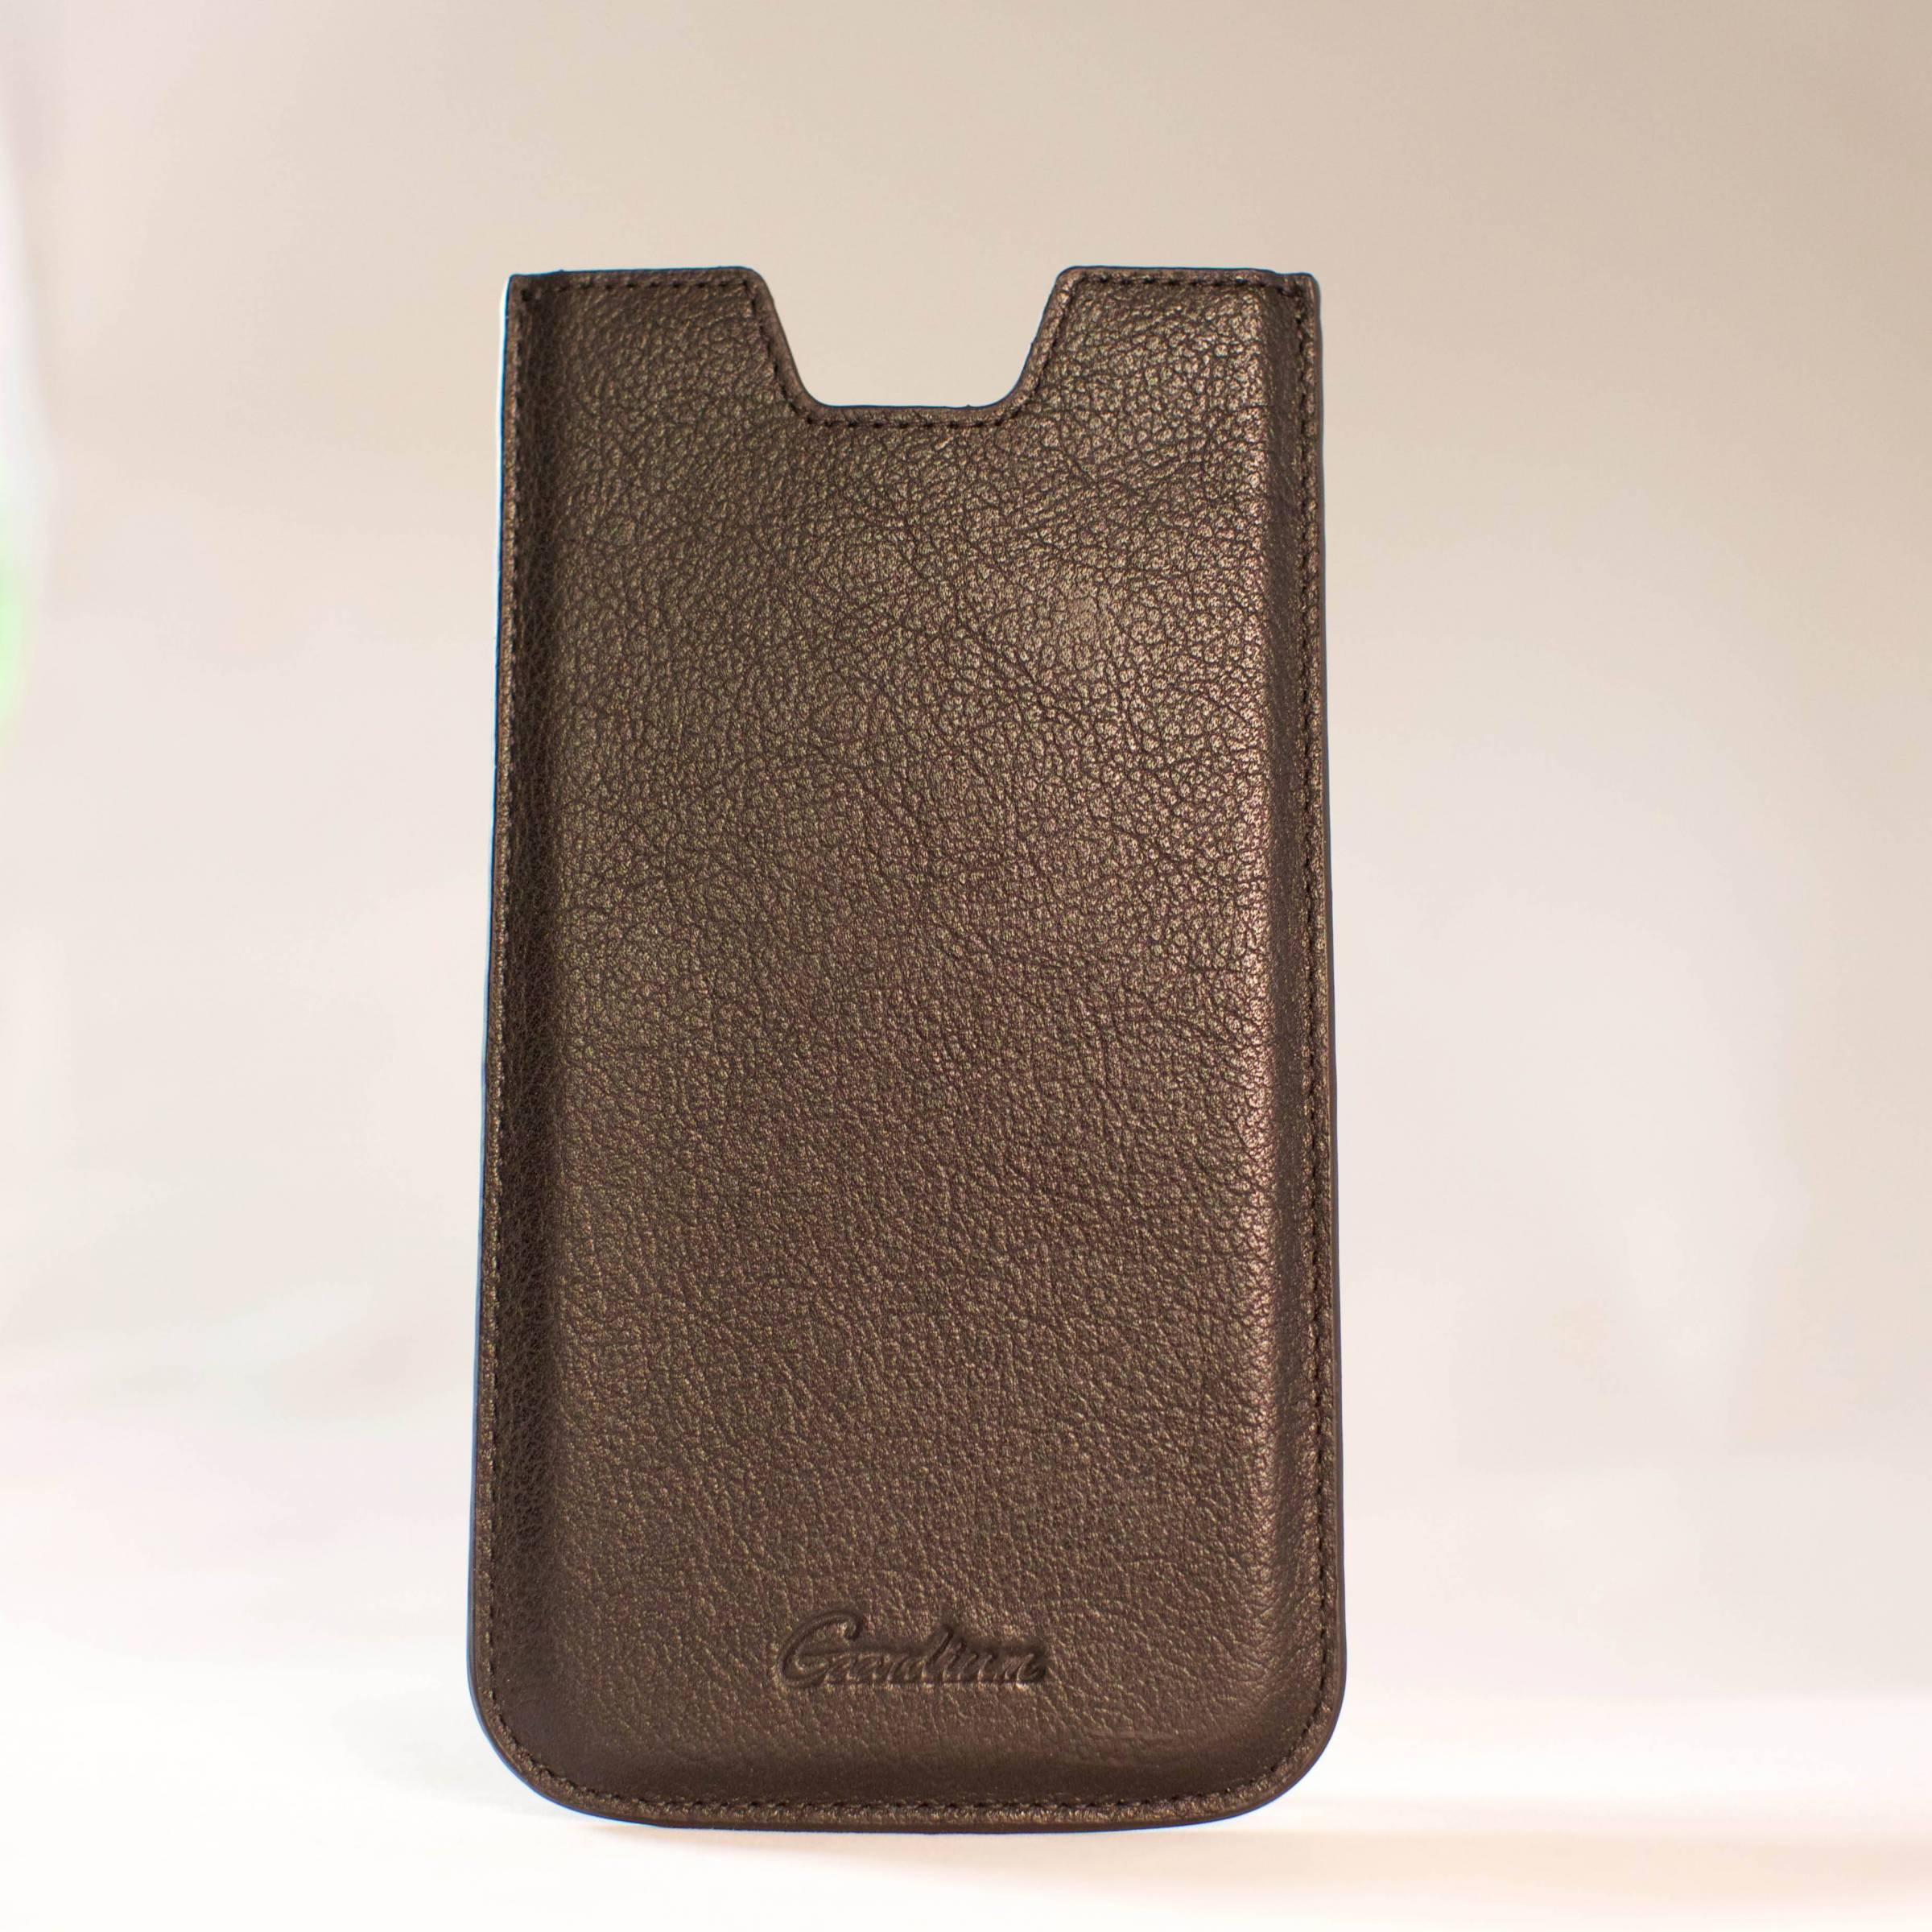 Gaardium sleeve iphone 6/6s/7/8 plus farve sort fra gaardium fra mackabler.dk